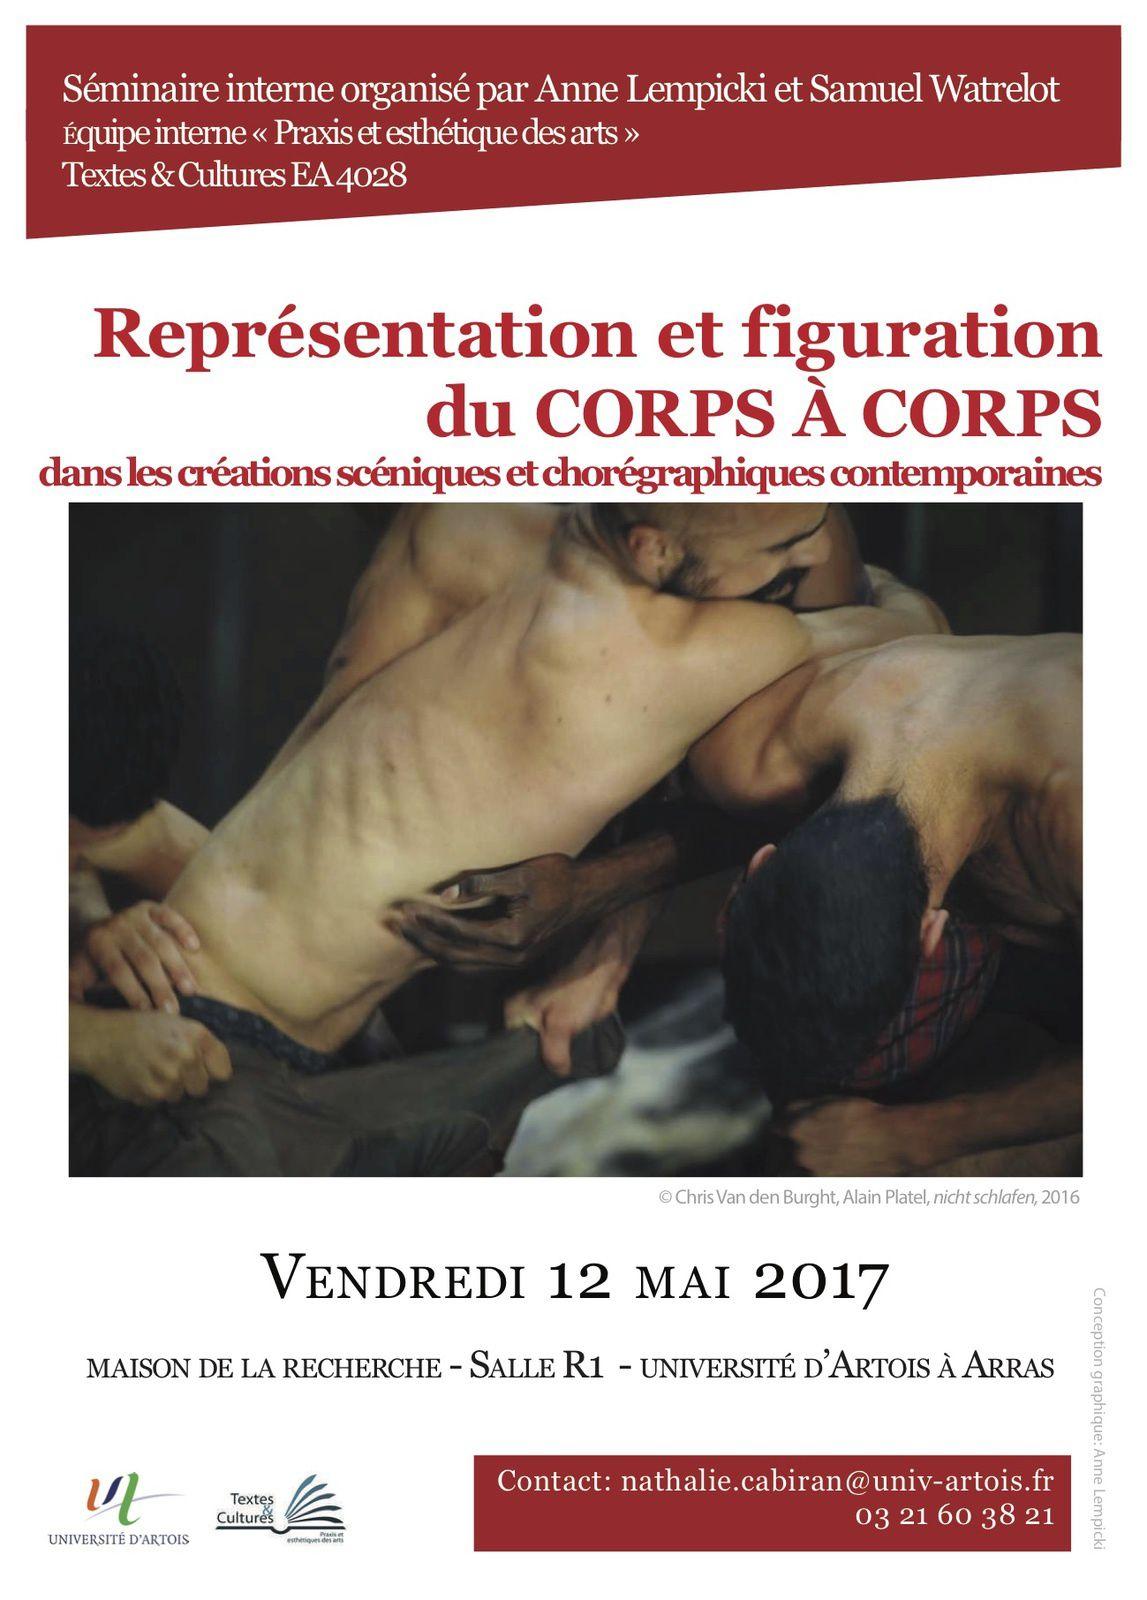 Représentation et figuration du corps à corps